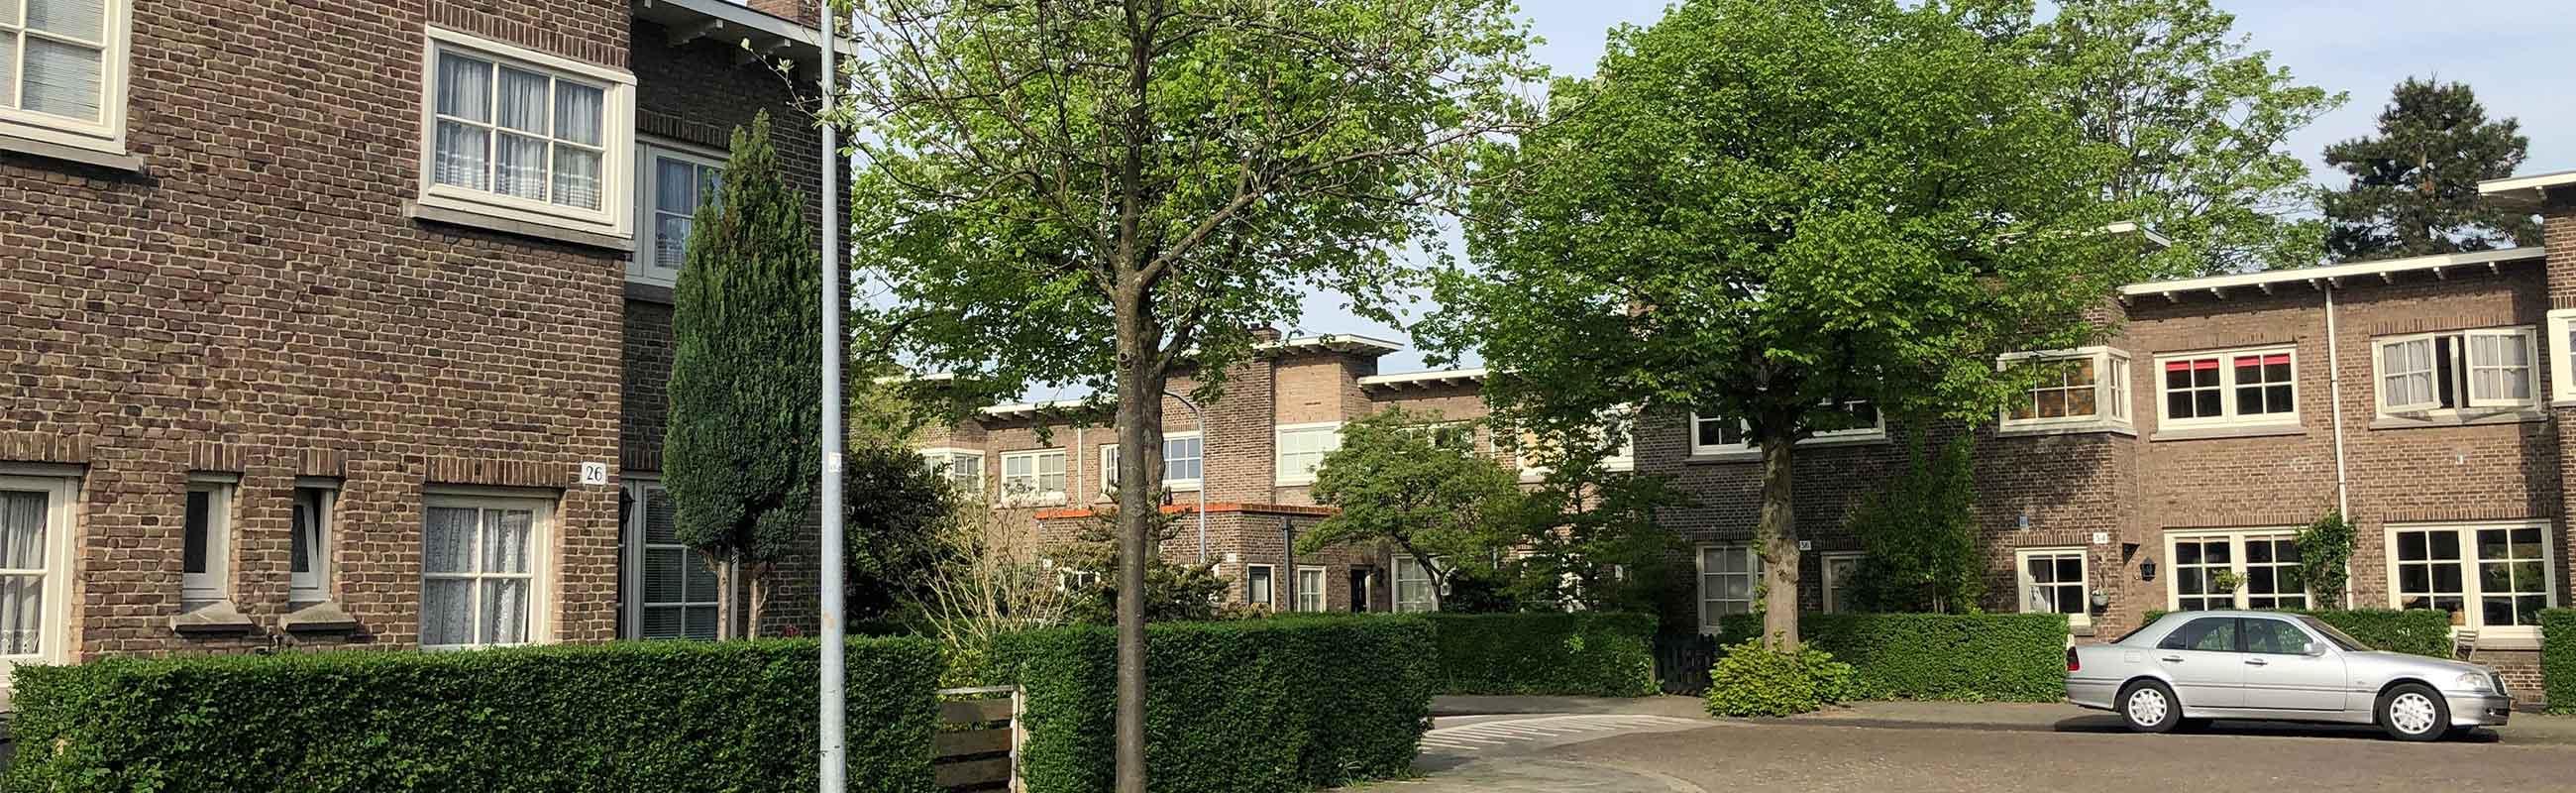 Klassieke koophuizen in de Hasselaersbuurt in het Zijlwegkwartier in Haarlem Zuid-West